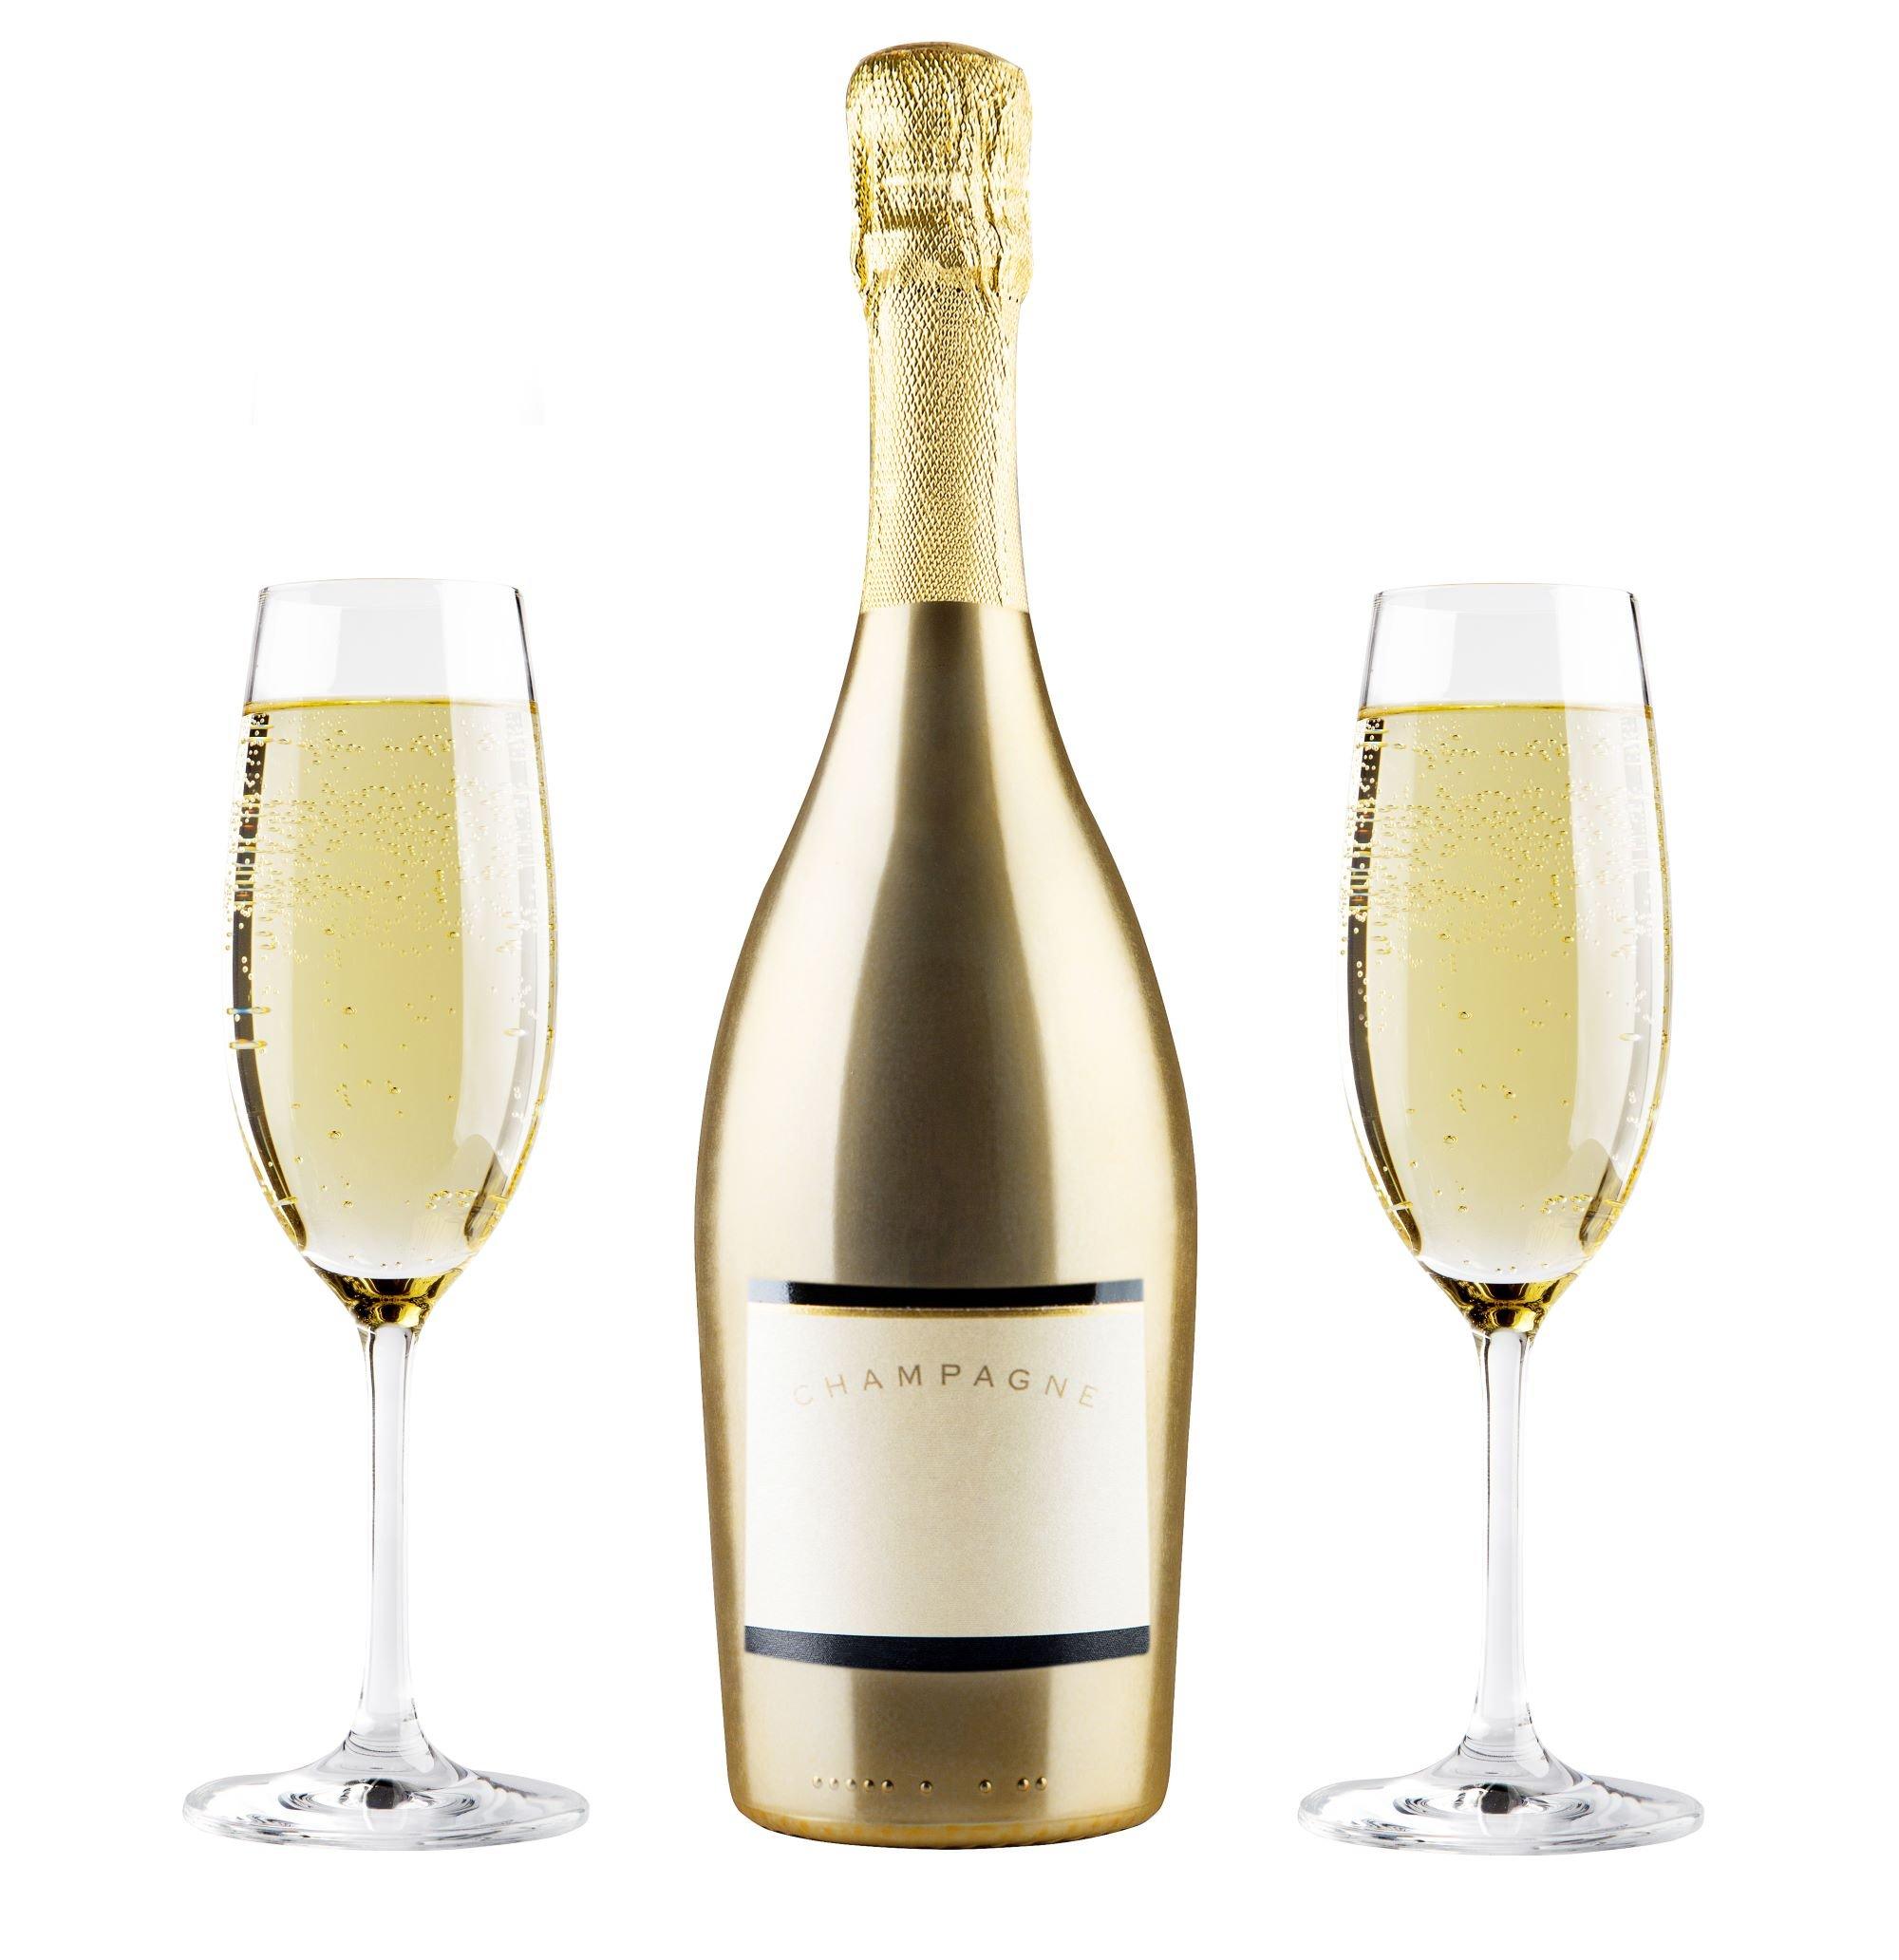 Champagner Produktbilder bearbeiten